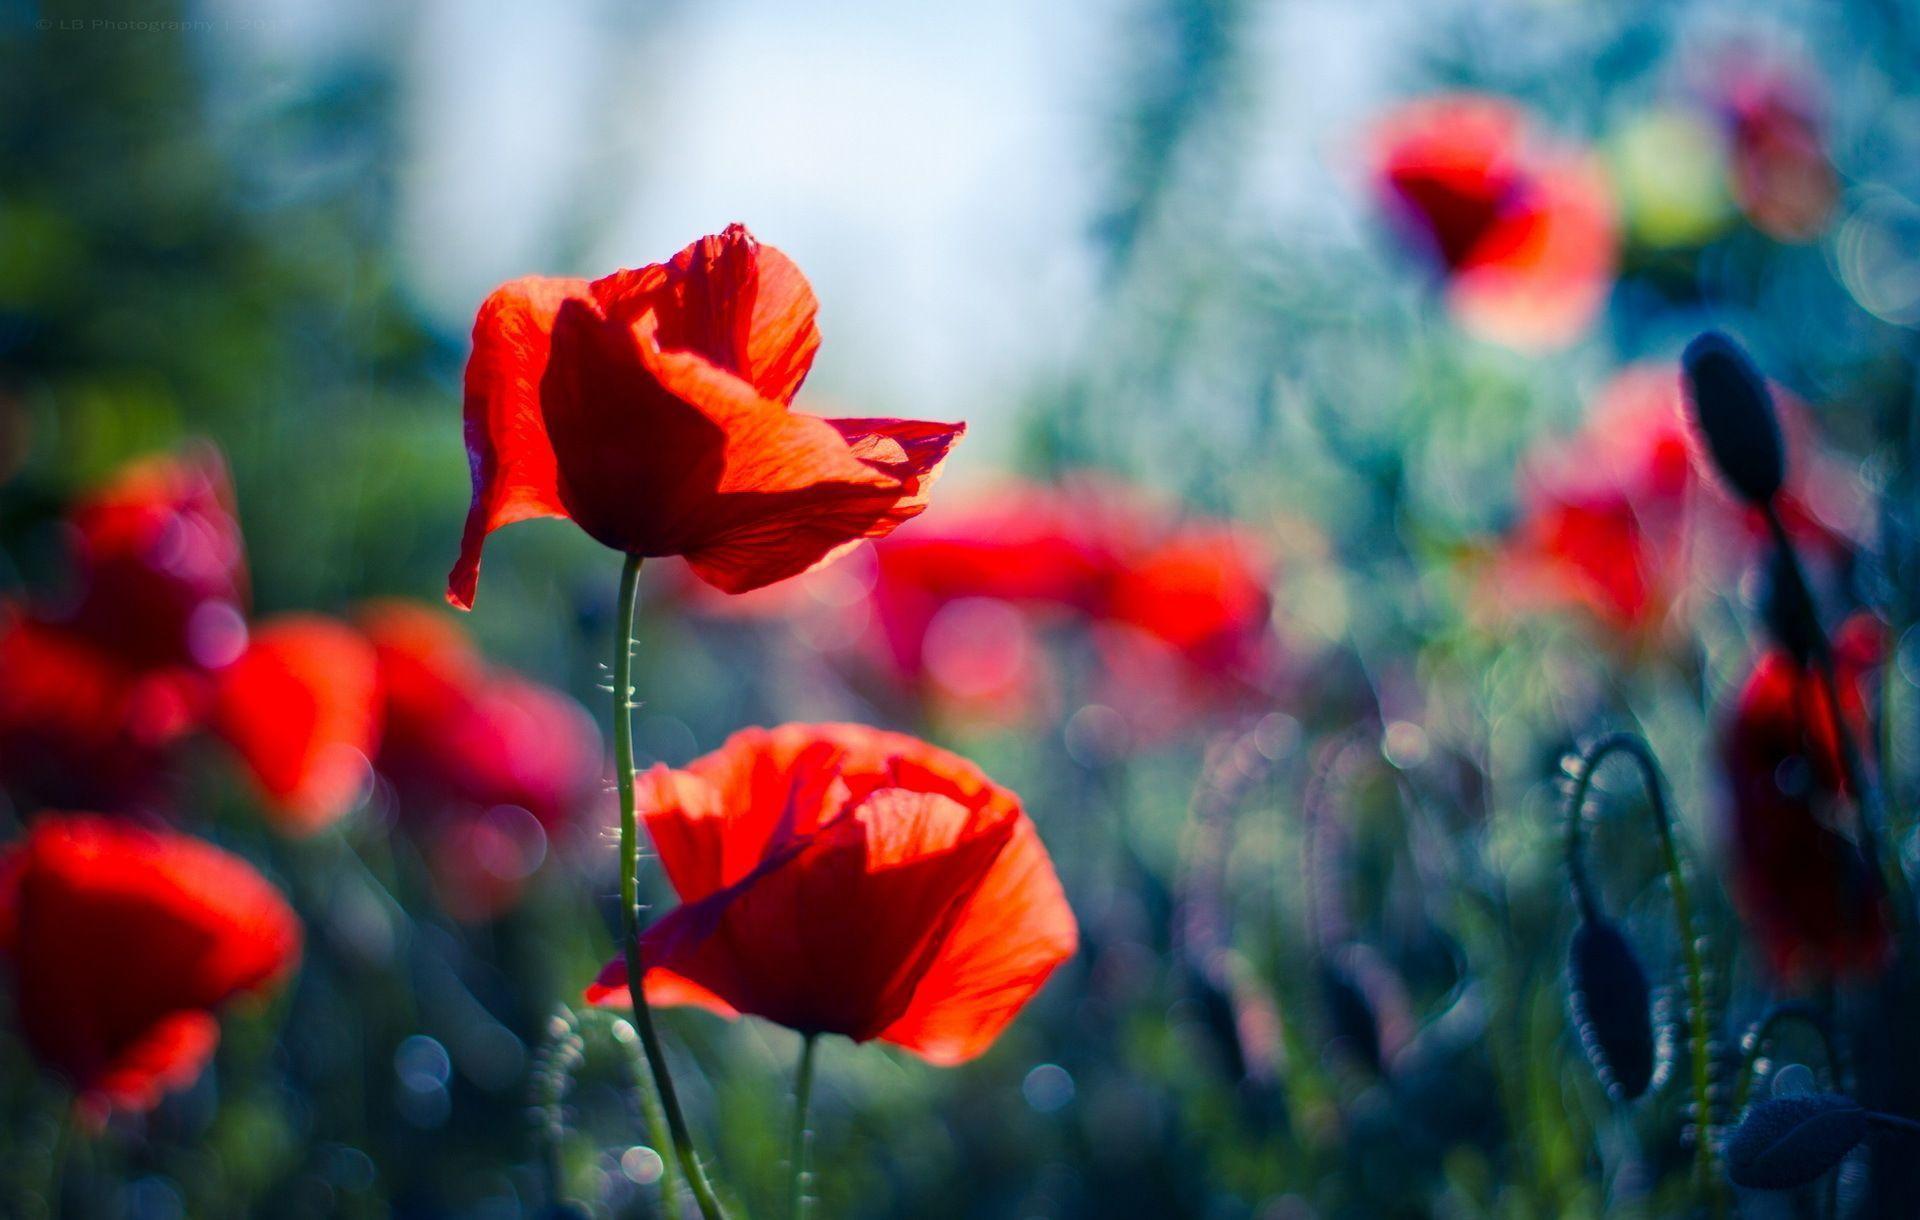 poppy red background - photo #2